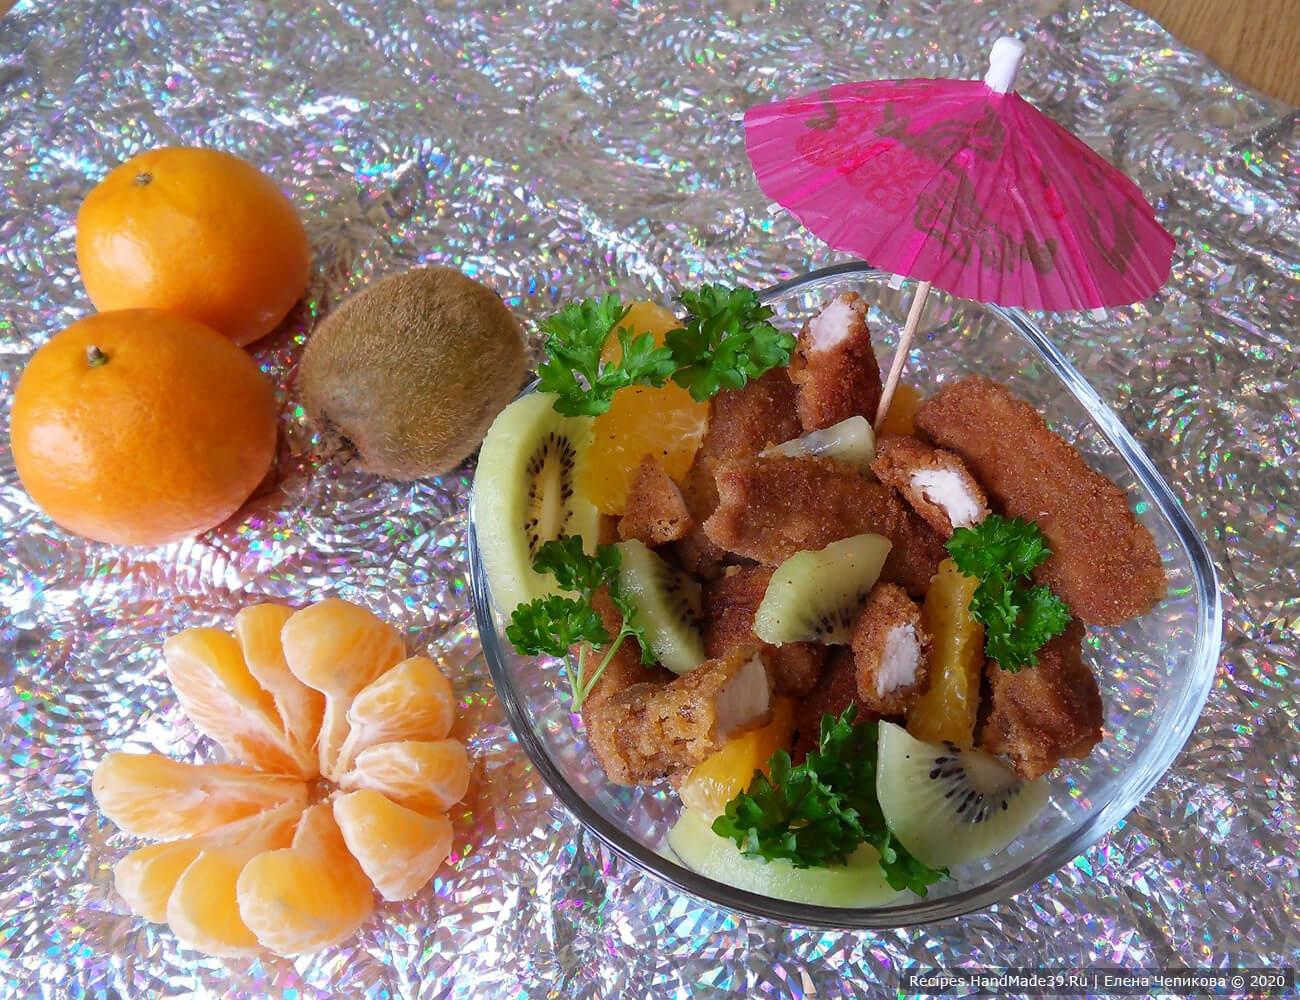 Жарить индейку в растительном масле до готовности. Подавать с кусочками свежих фруктов. Приятного аппетита!